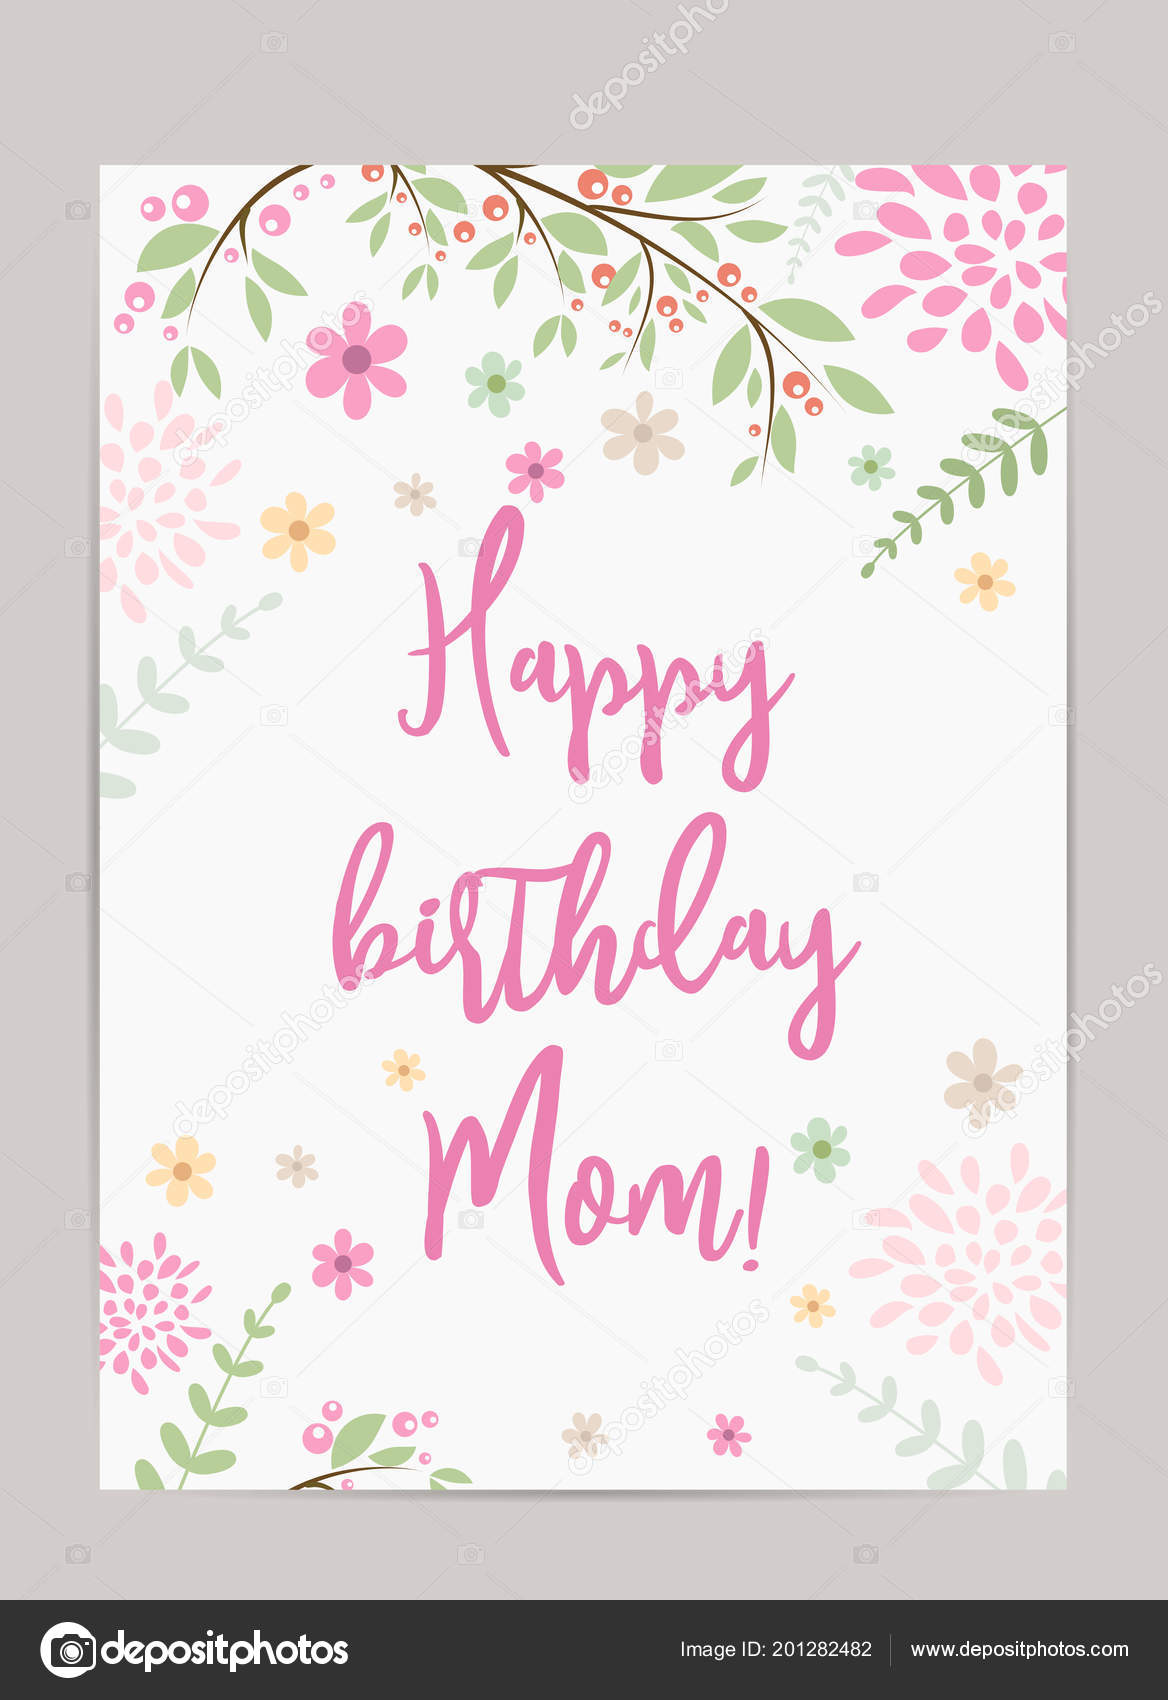 Joyeux Anniversaire Maman Contexte Vacances Gabarit Pour Carte Voeux